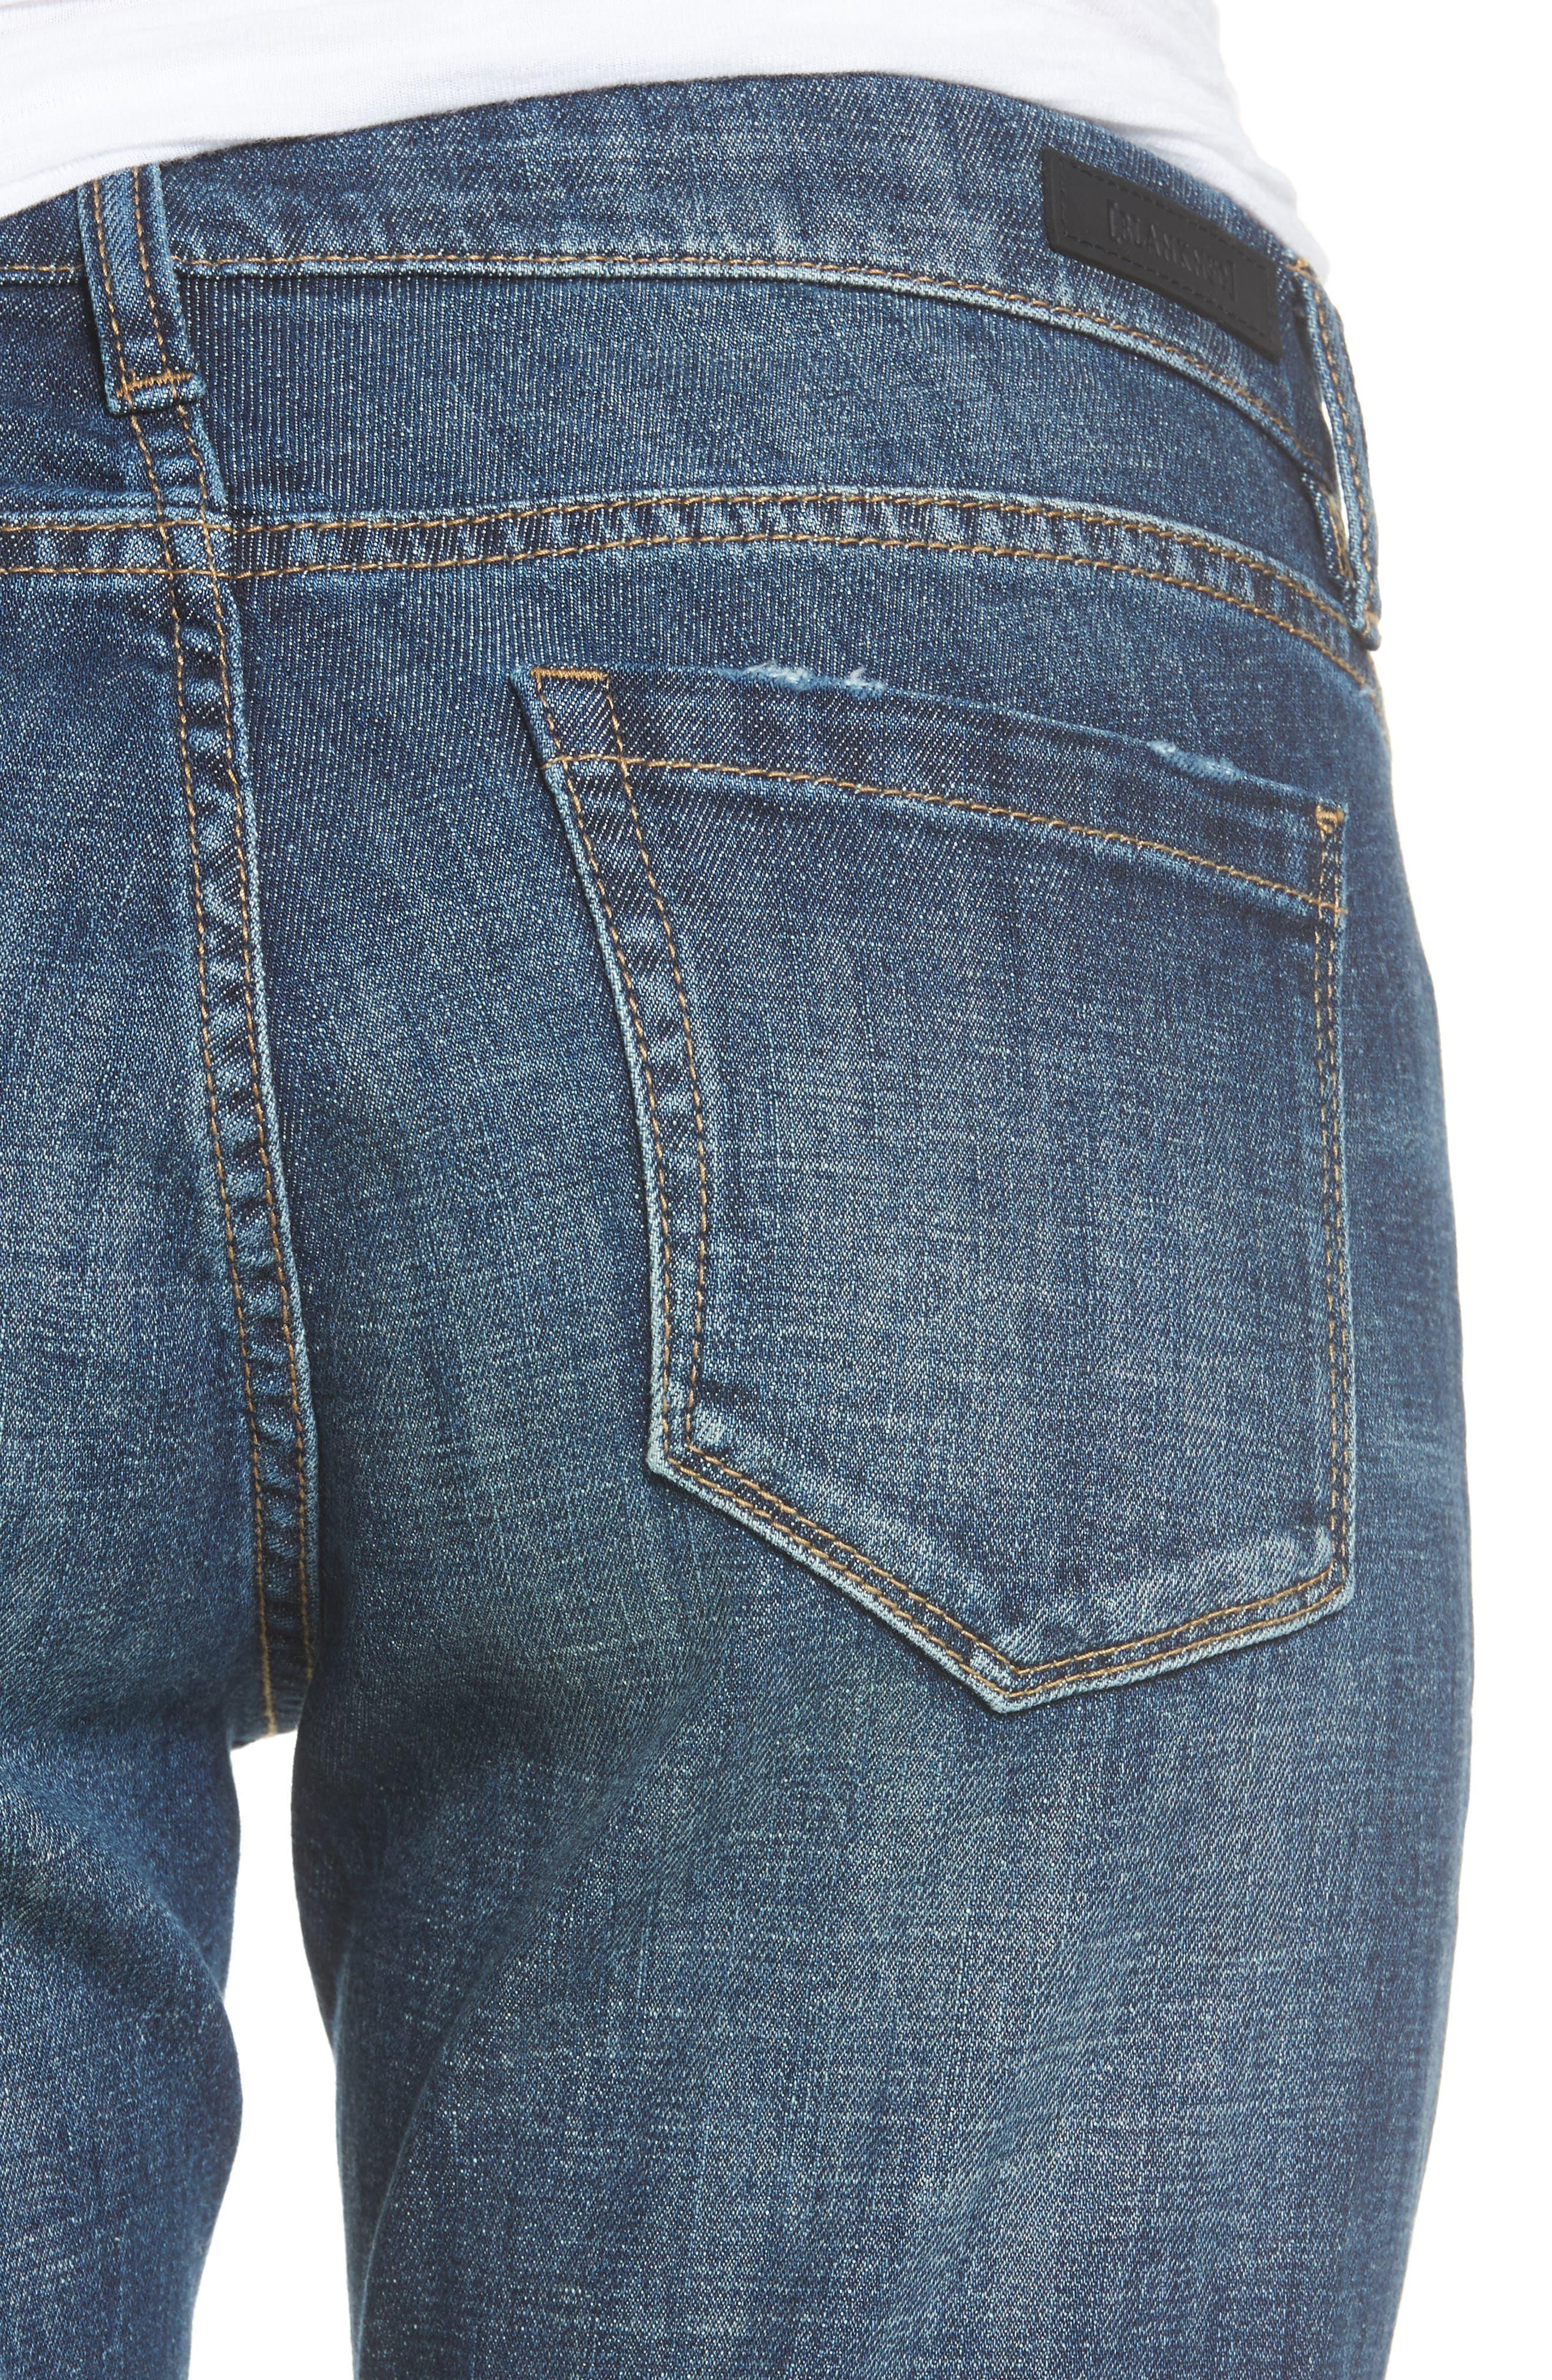 Alternate Image 4  - BLANKNYC Ripped Girlfriend Jeans (Let It Roll)